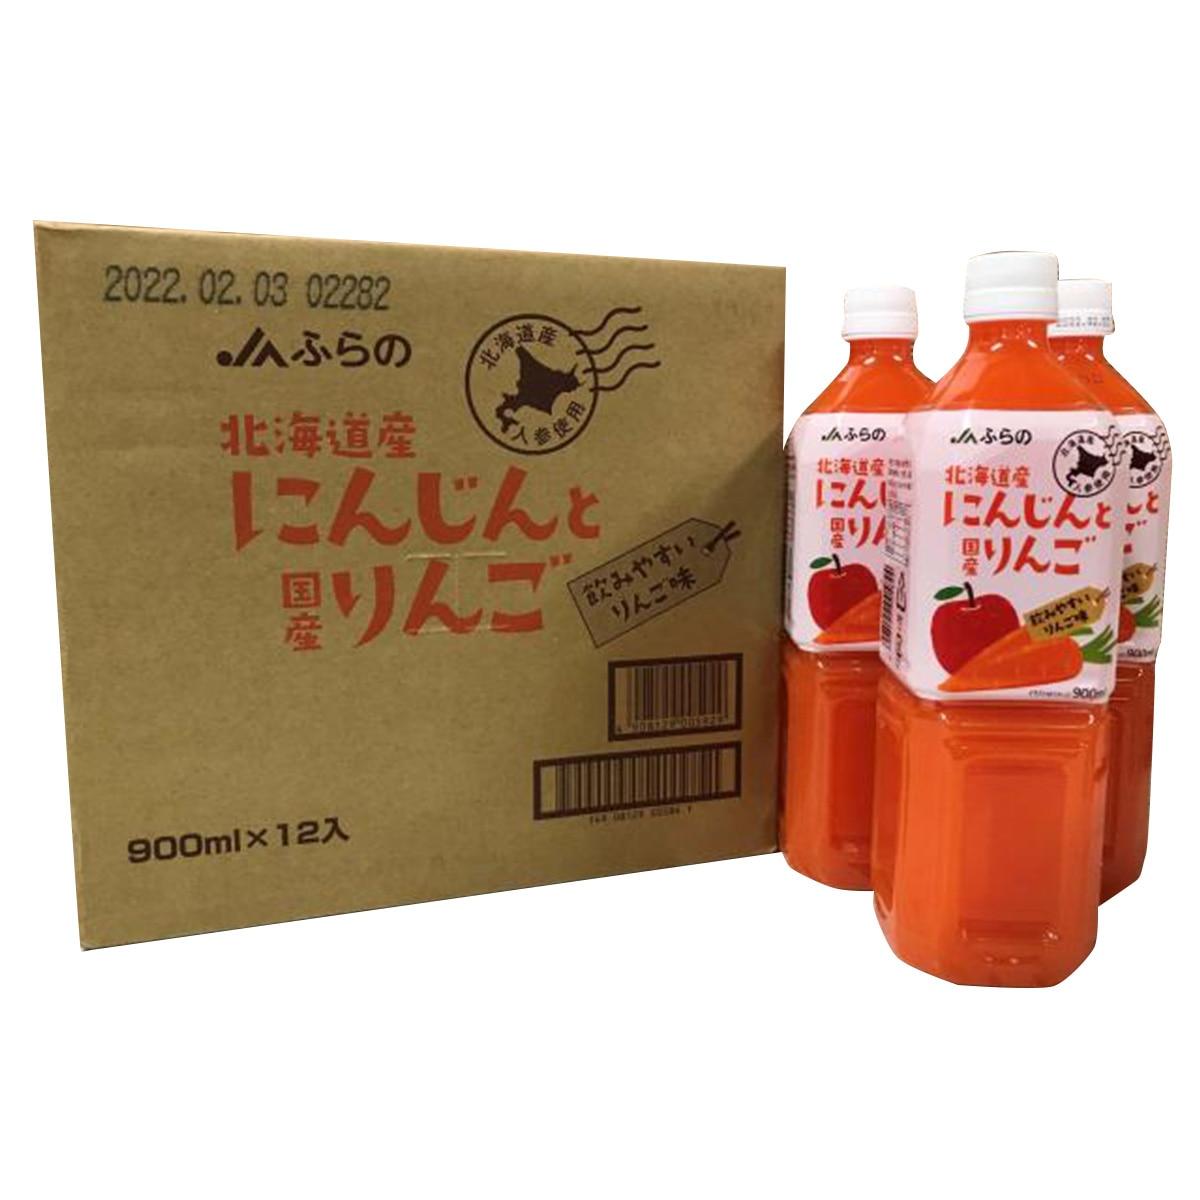 【送料無料】JAふらの 北海道産にんじんと国産りんご (900ml×12本) JAふらのジュース